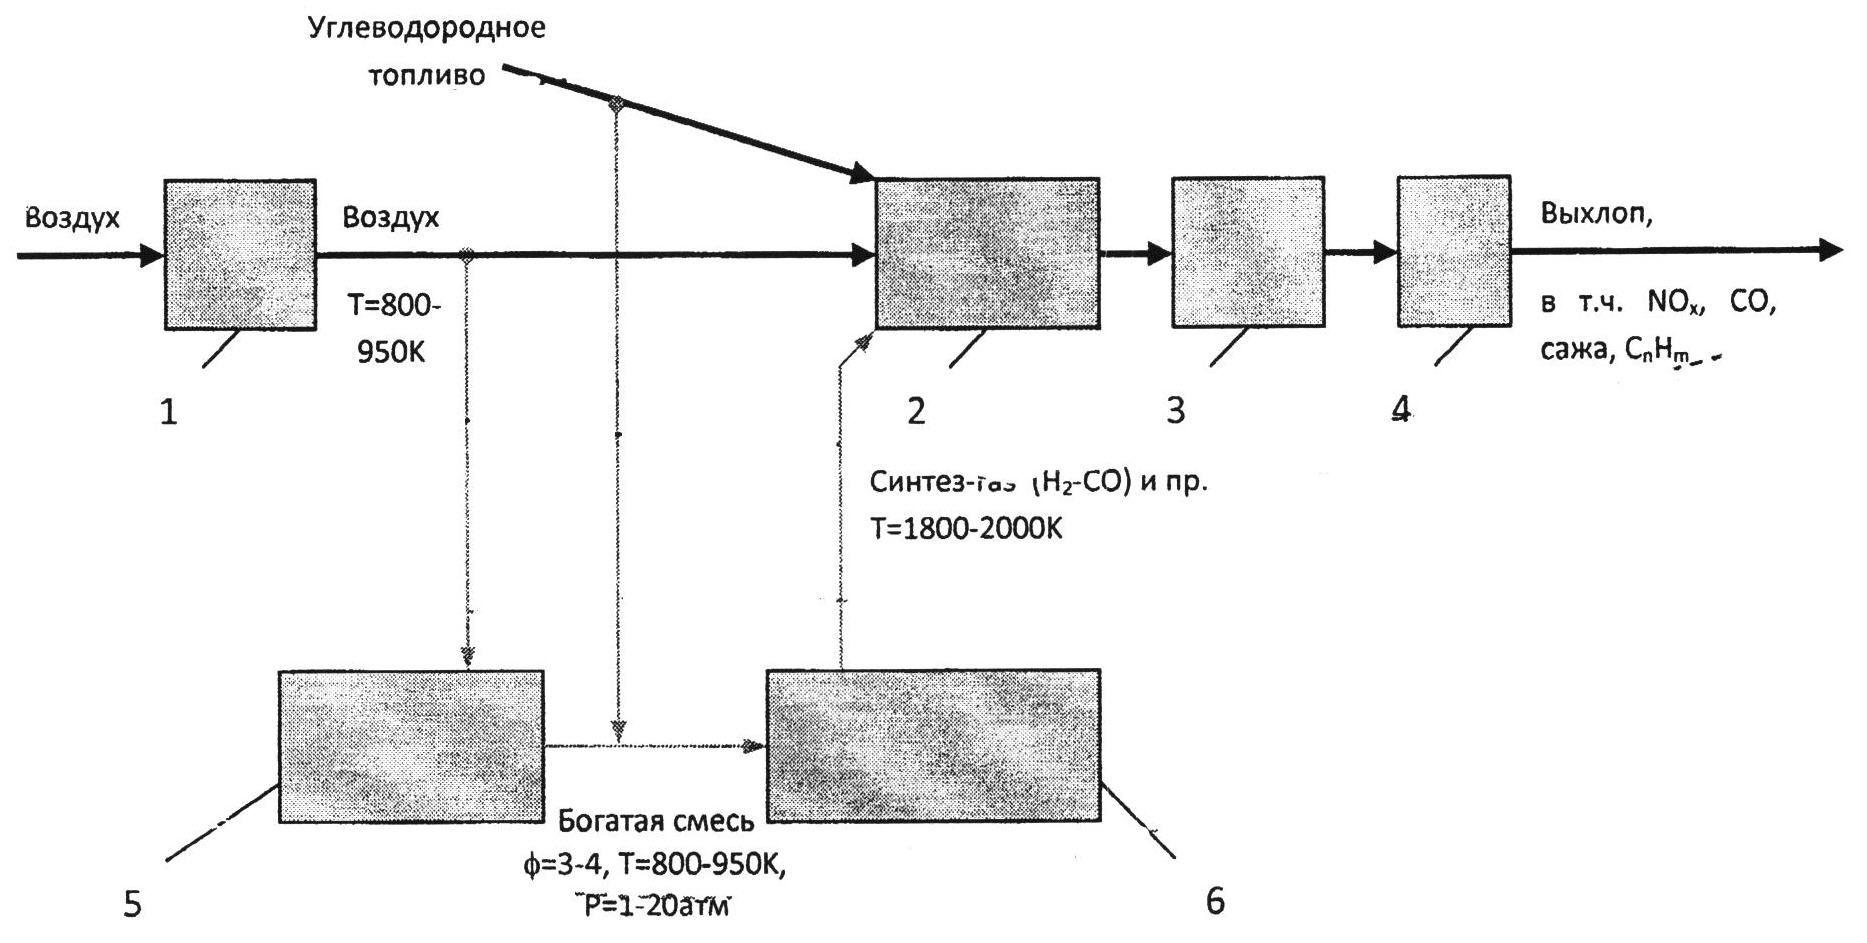 Способ сжигания углеводородного топлива в газотурбинных двигателе или установке